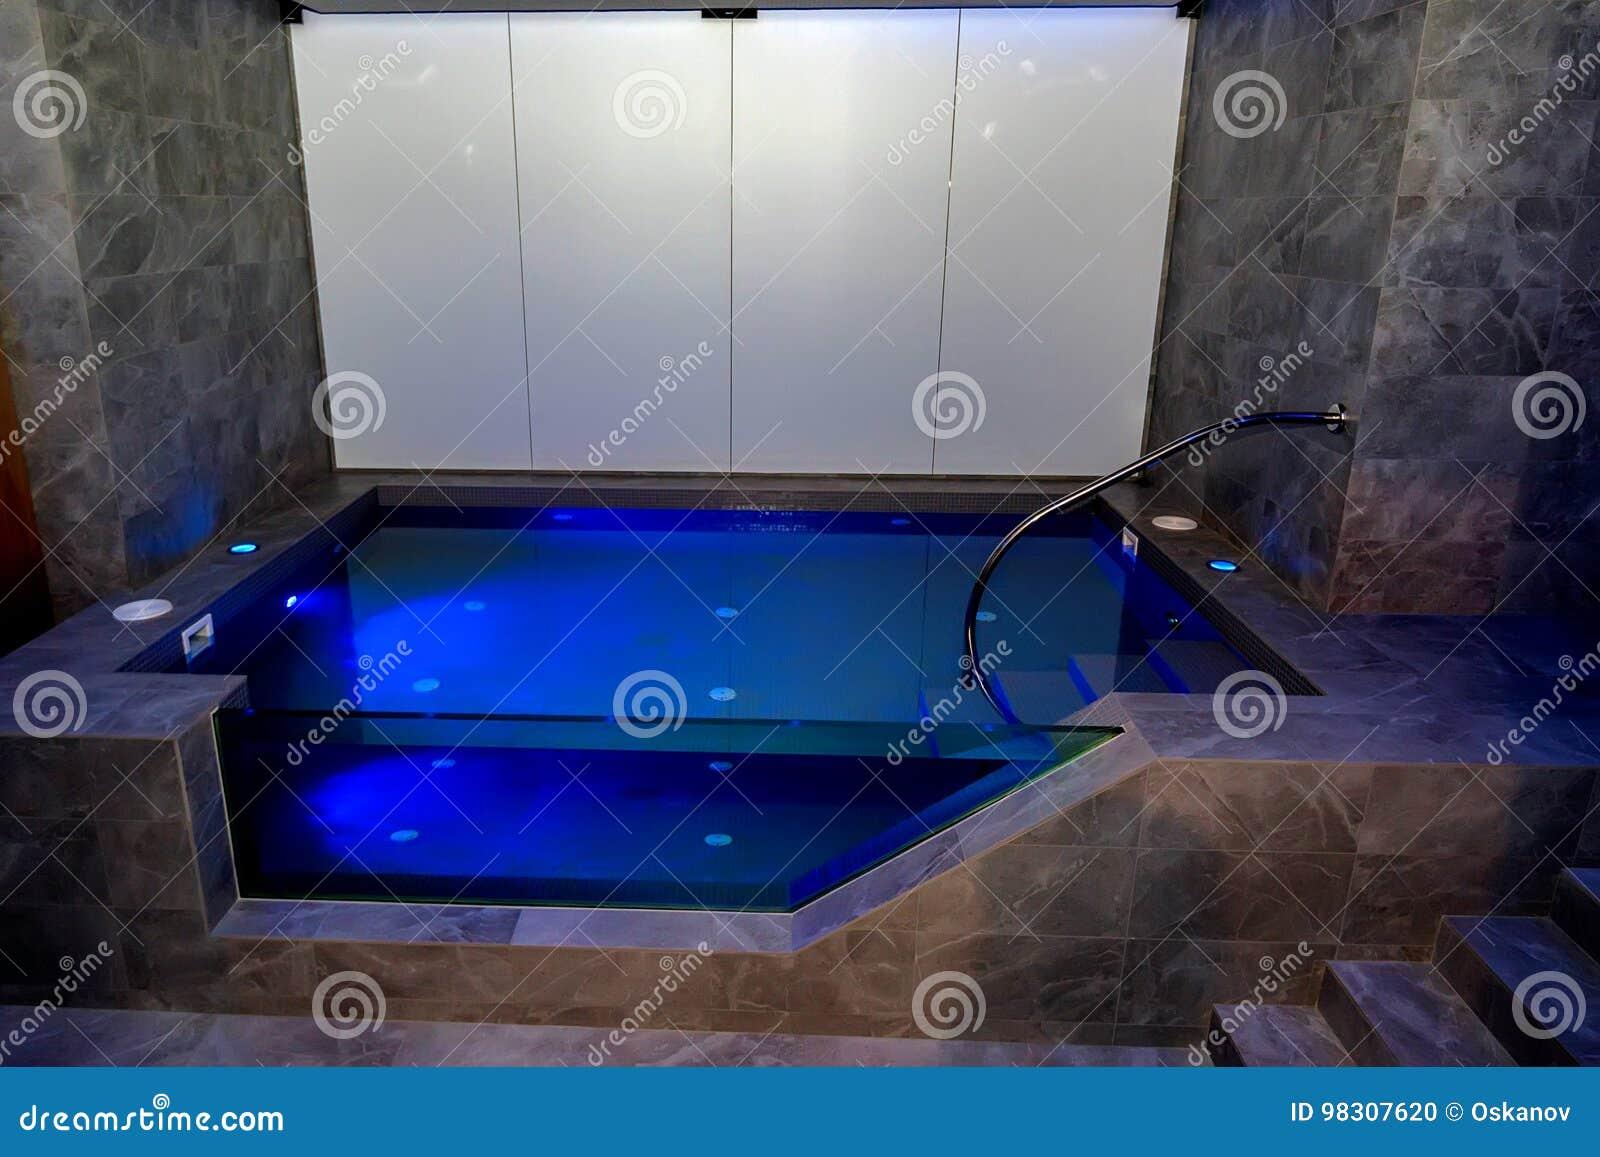 Empty Floating Tank Close Up Stock Photo - Image of isolation